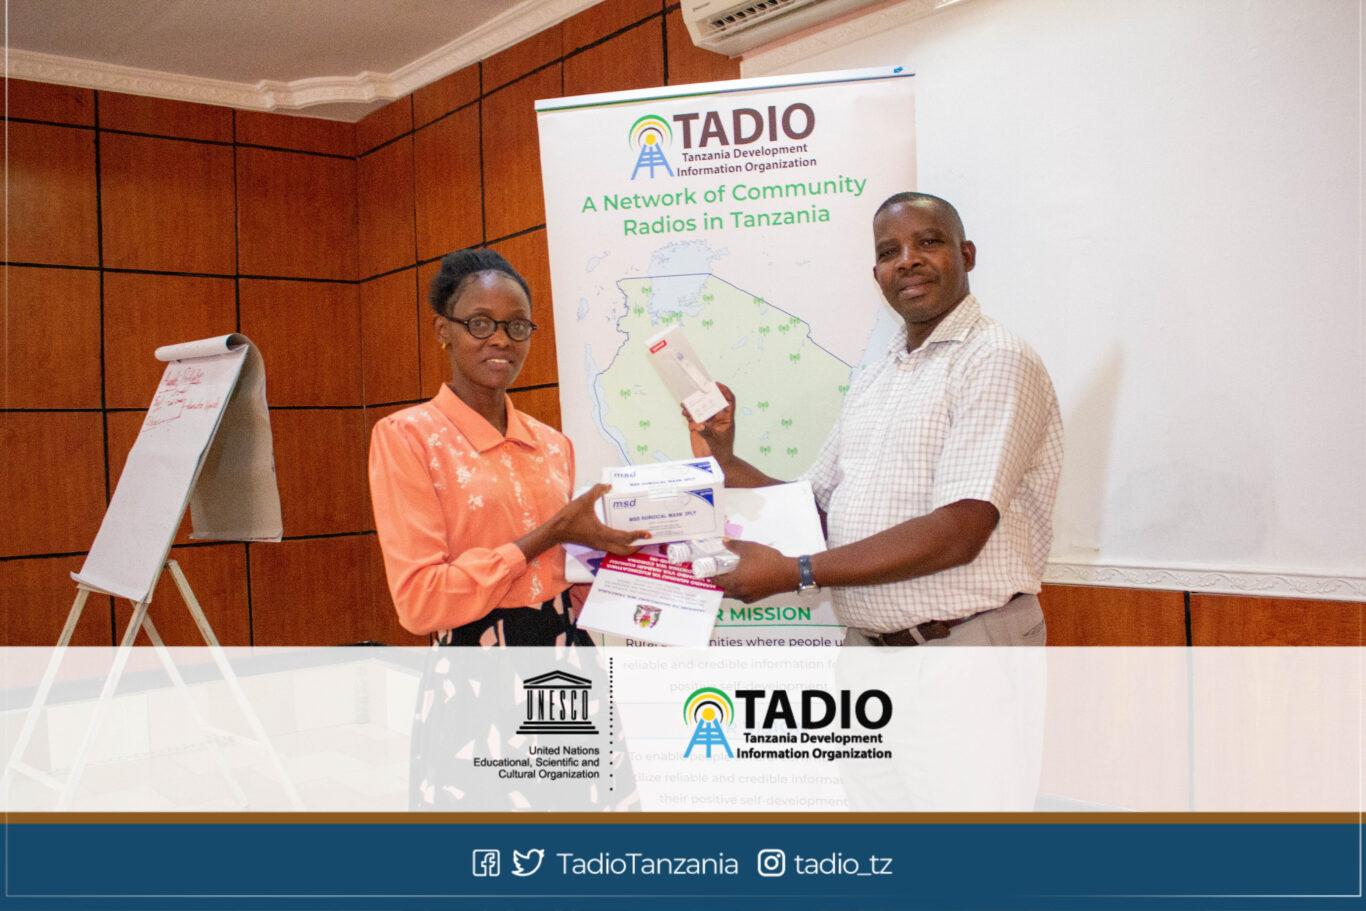 Meneja wa Dodoma FM, Bi. Zania Miraji akikabidhiwa vifaa vya kujikikinga na magonjwa ya mlipuko na Mwenyekiti wa TADIO, Bw. Prosper Kwigize